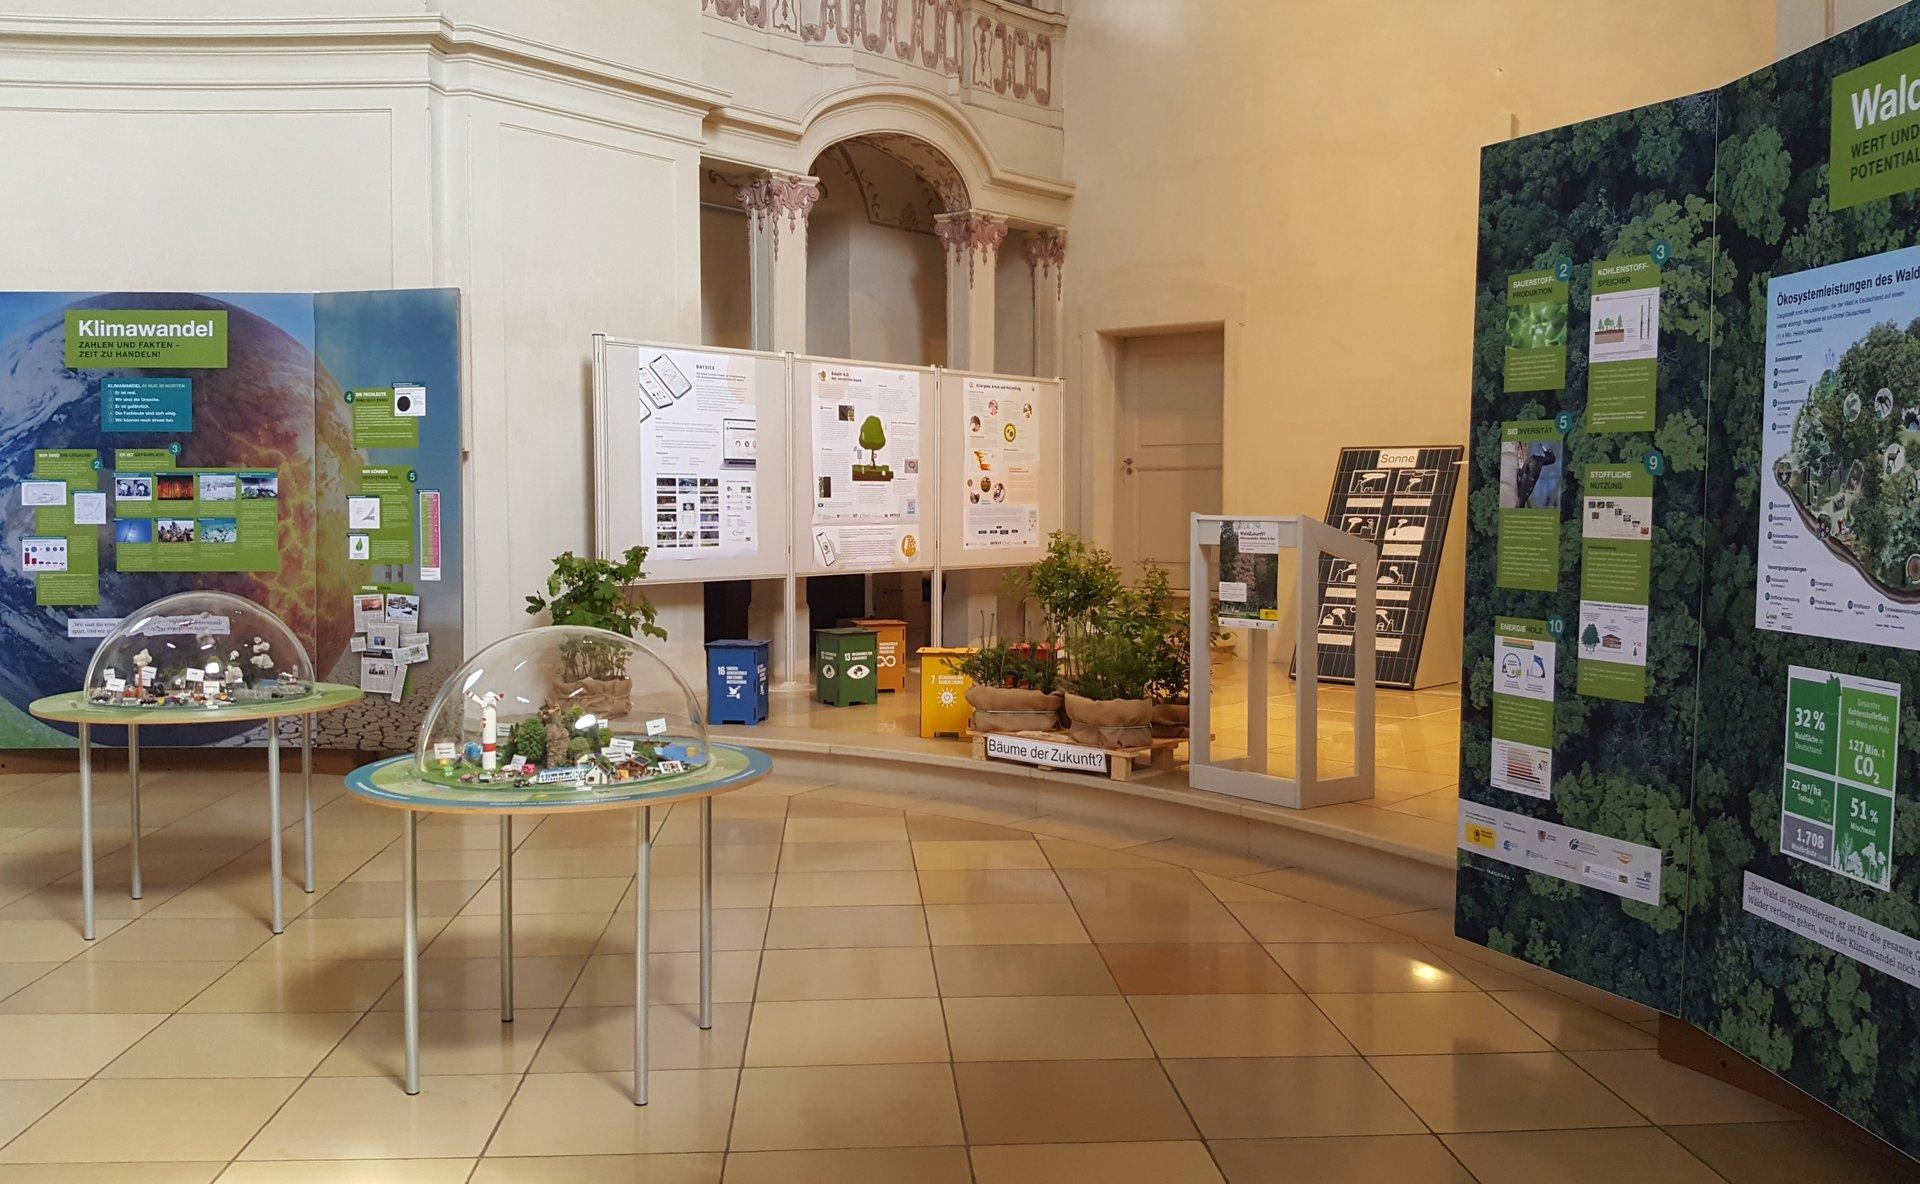 Blick in die Ausstellung zum Klimawandel